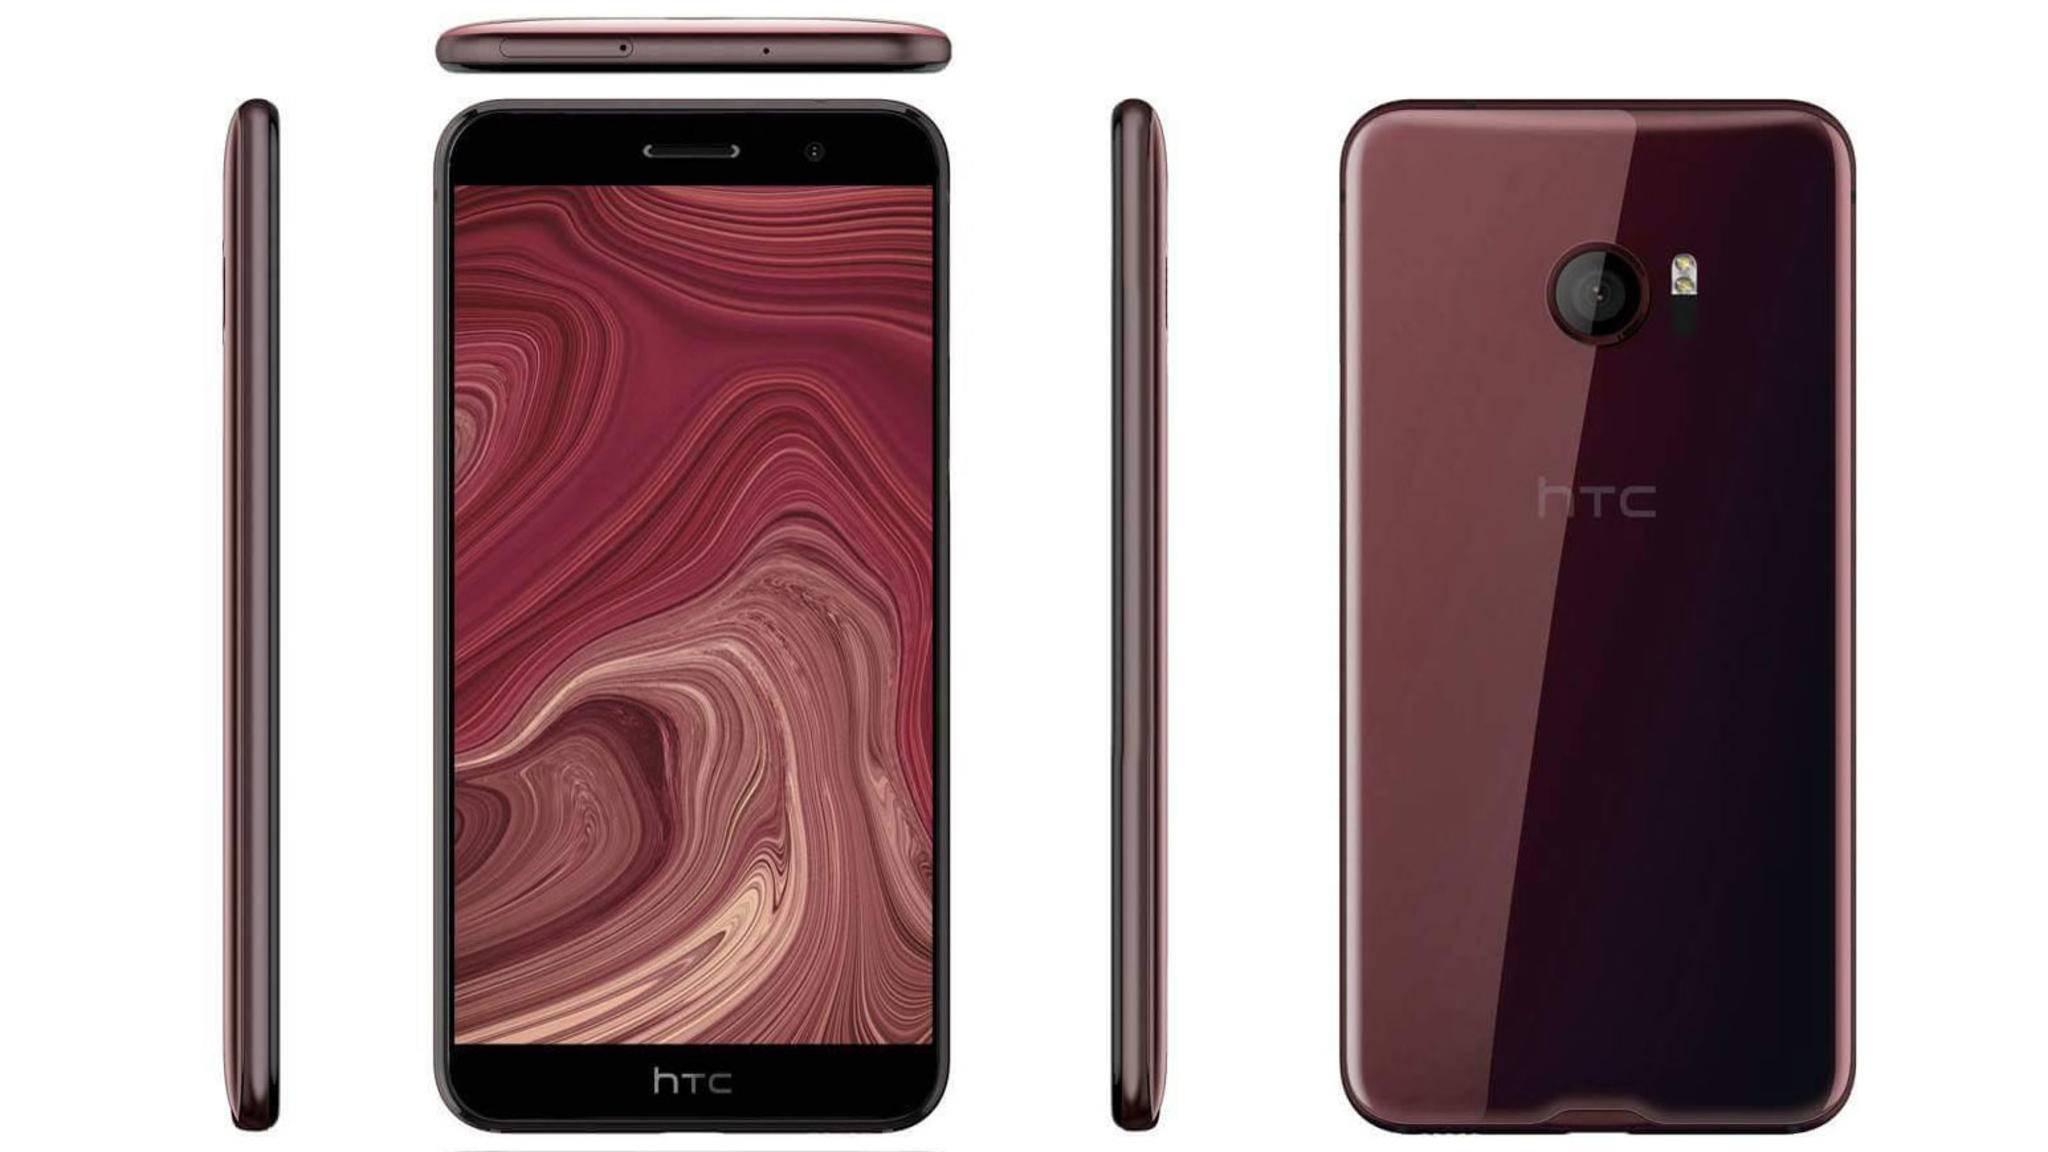 Das HTC Ocean wird voraussichtlich keinen Klinkenanschluss mitbringen.